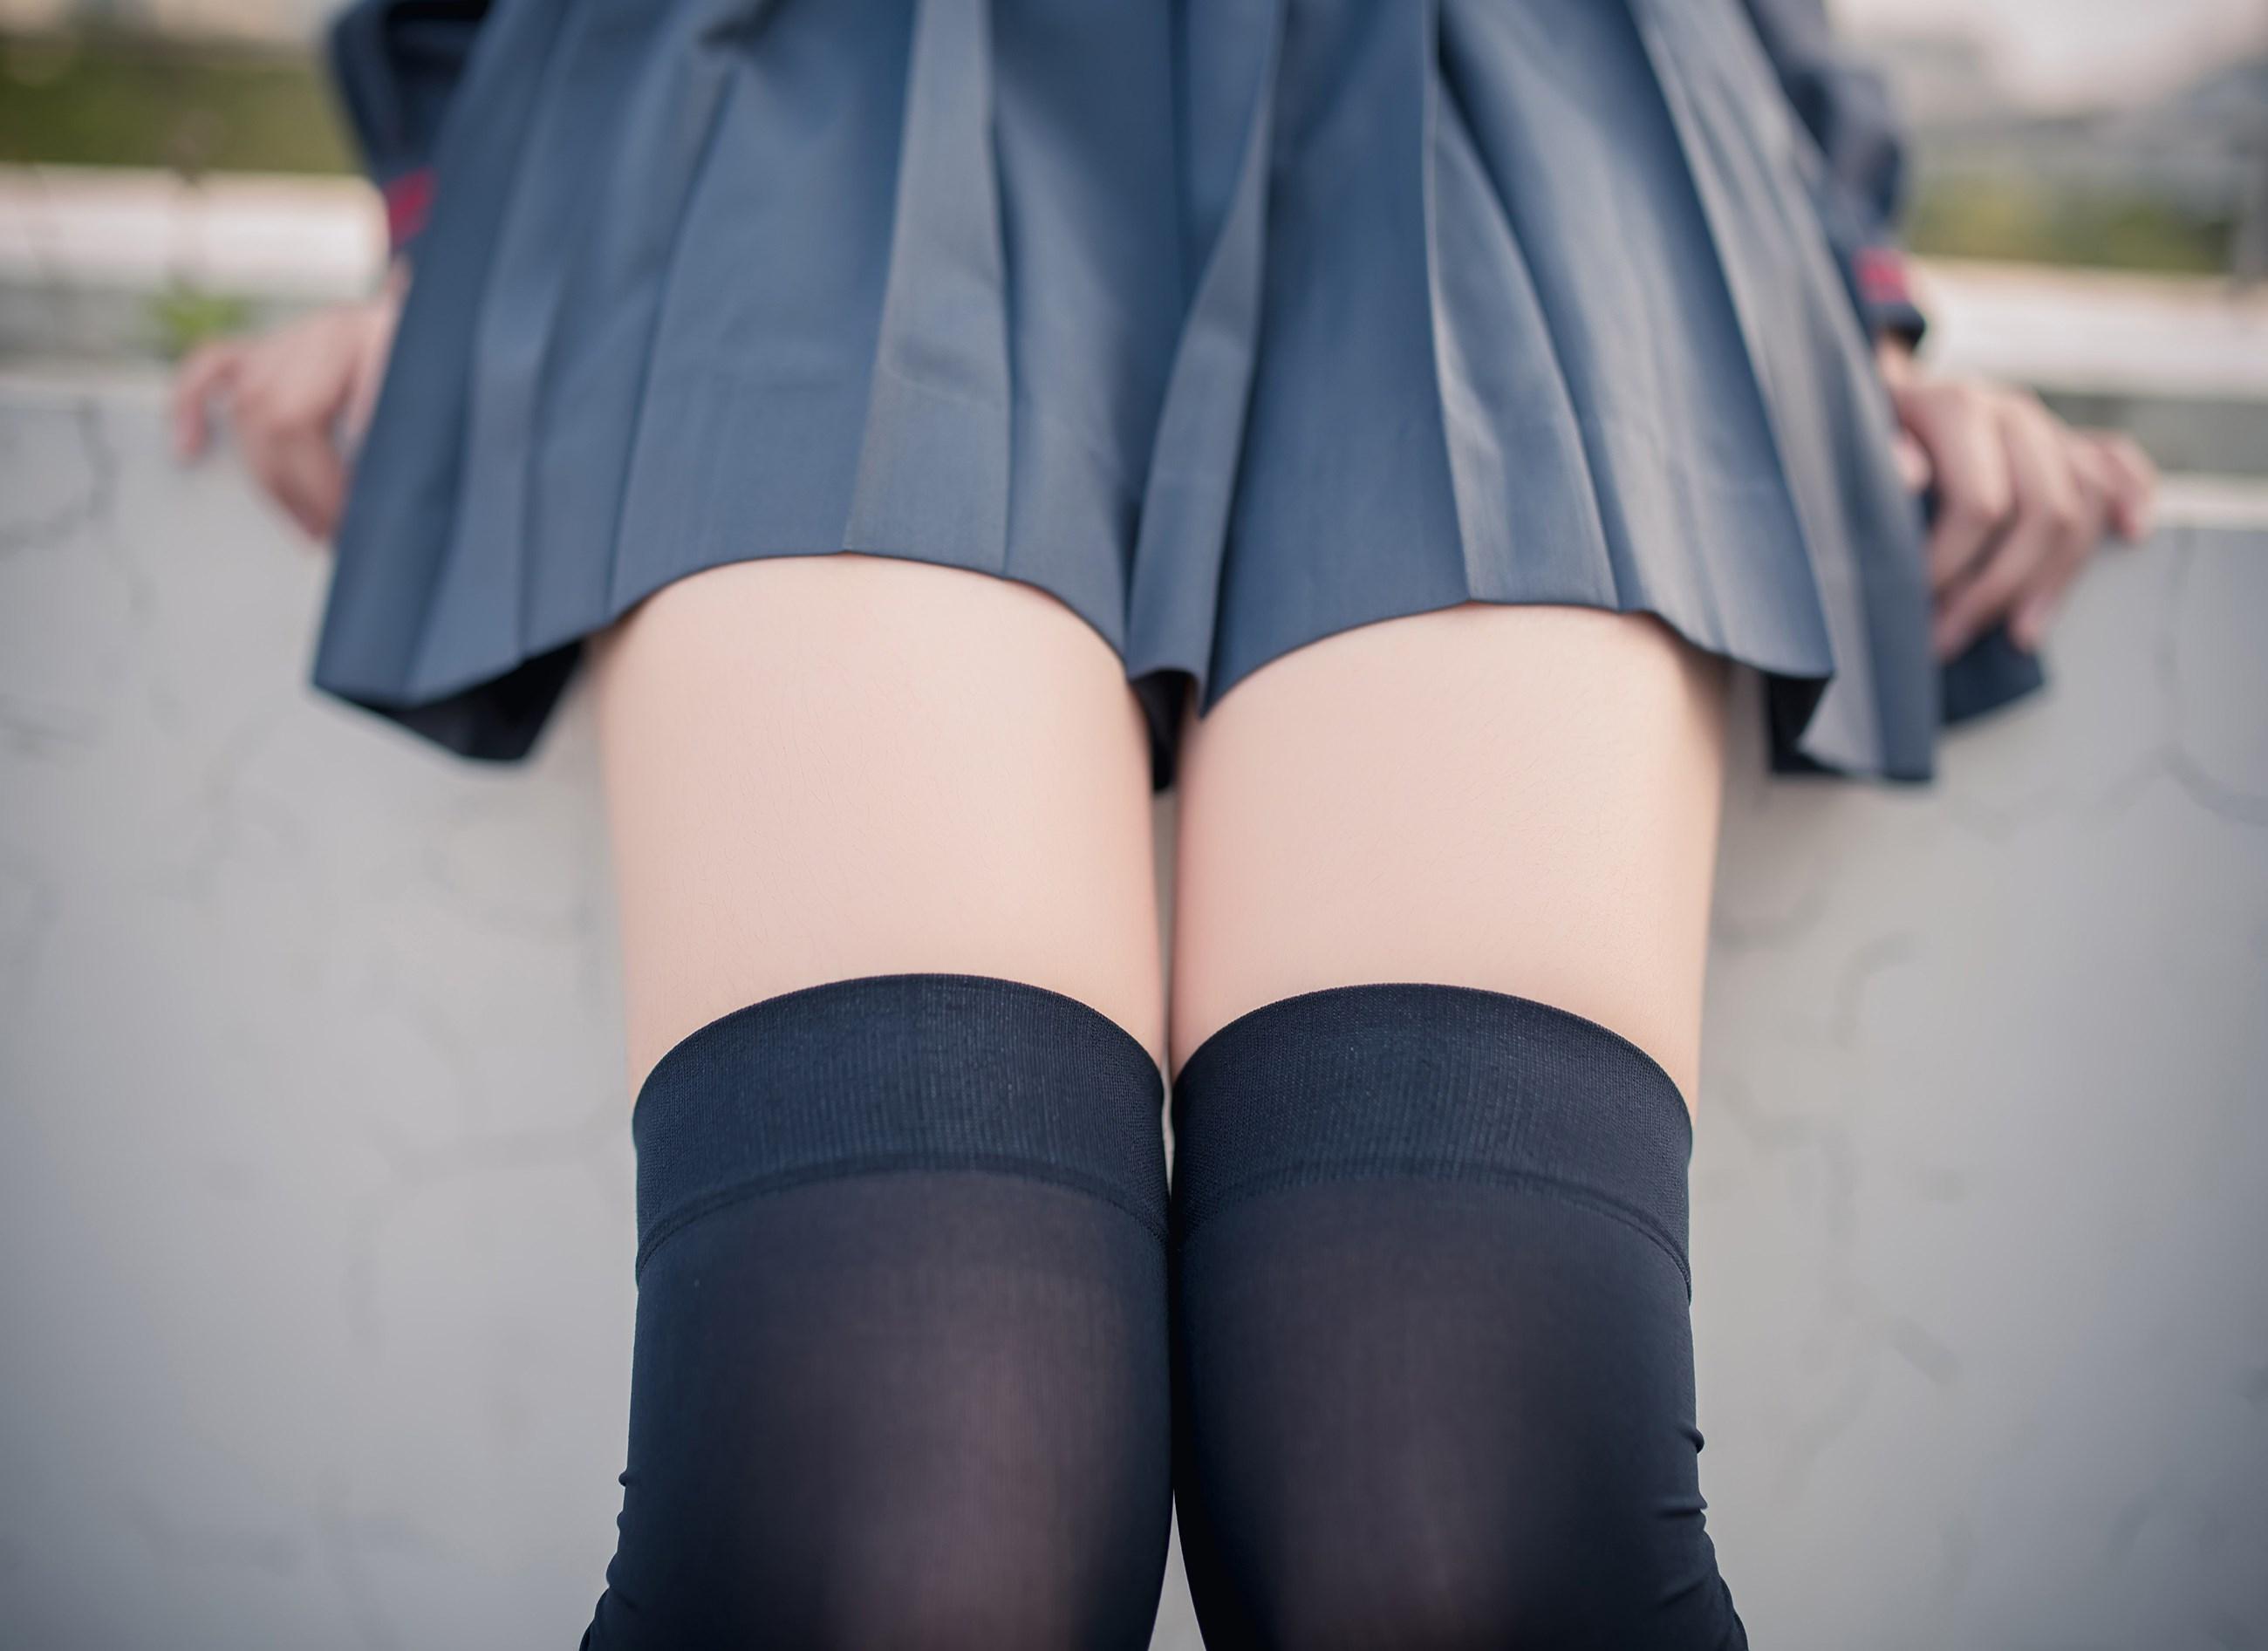 【兔玩映画】黑丝过膝袜 兔玩映画 第43张